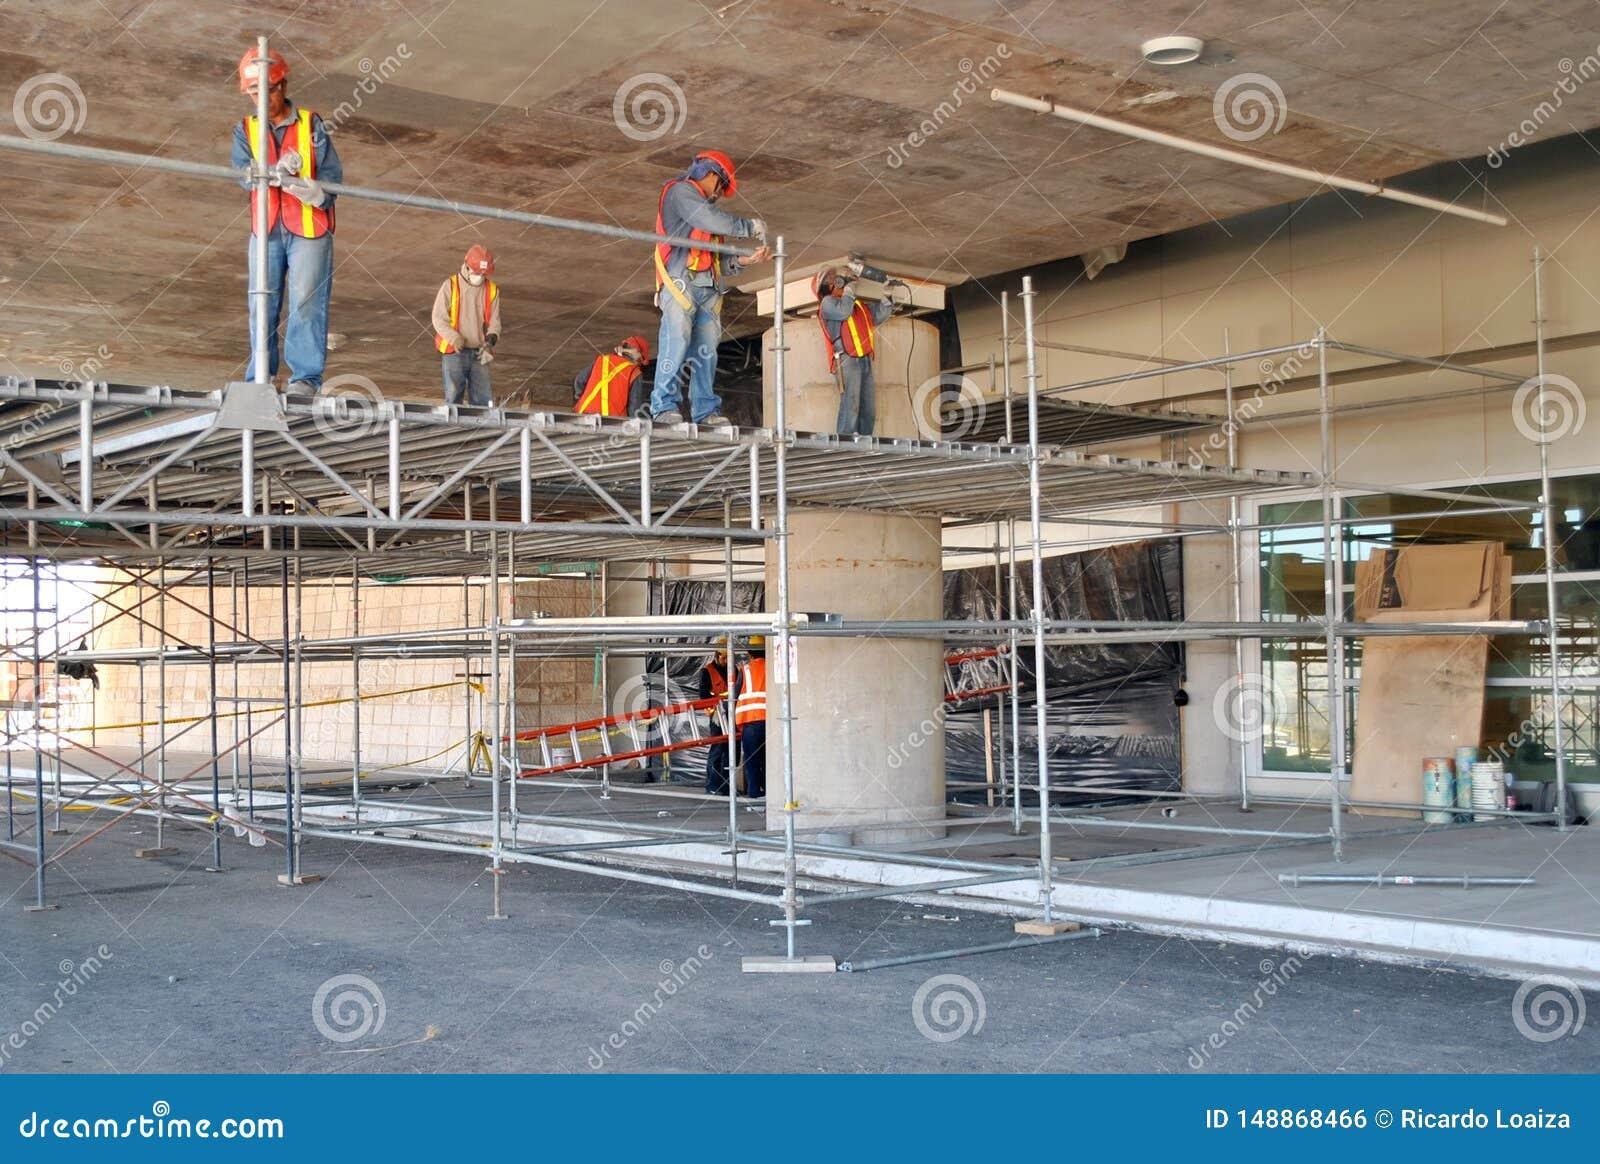 Lavoratori che montano armatura e che lavorano al tetto di un parcheggio in costruzione